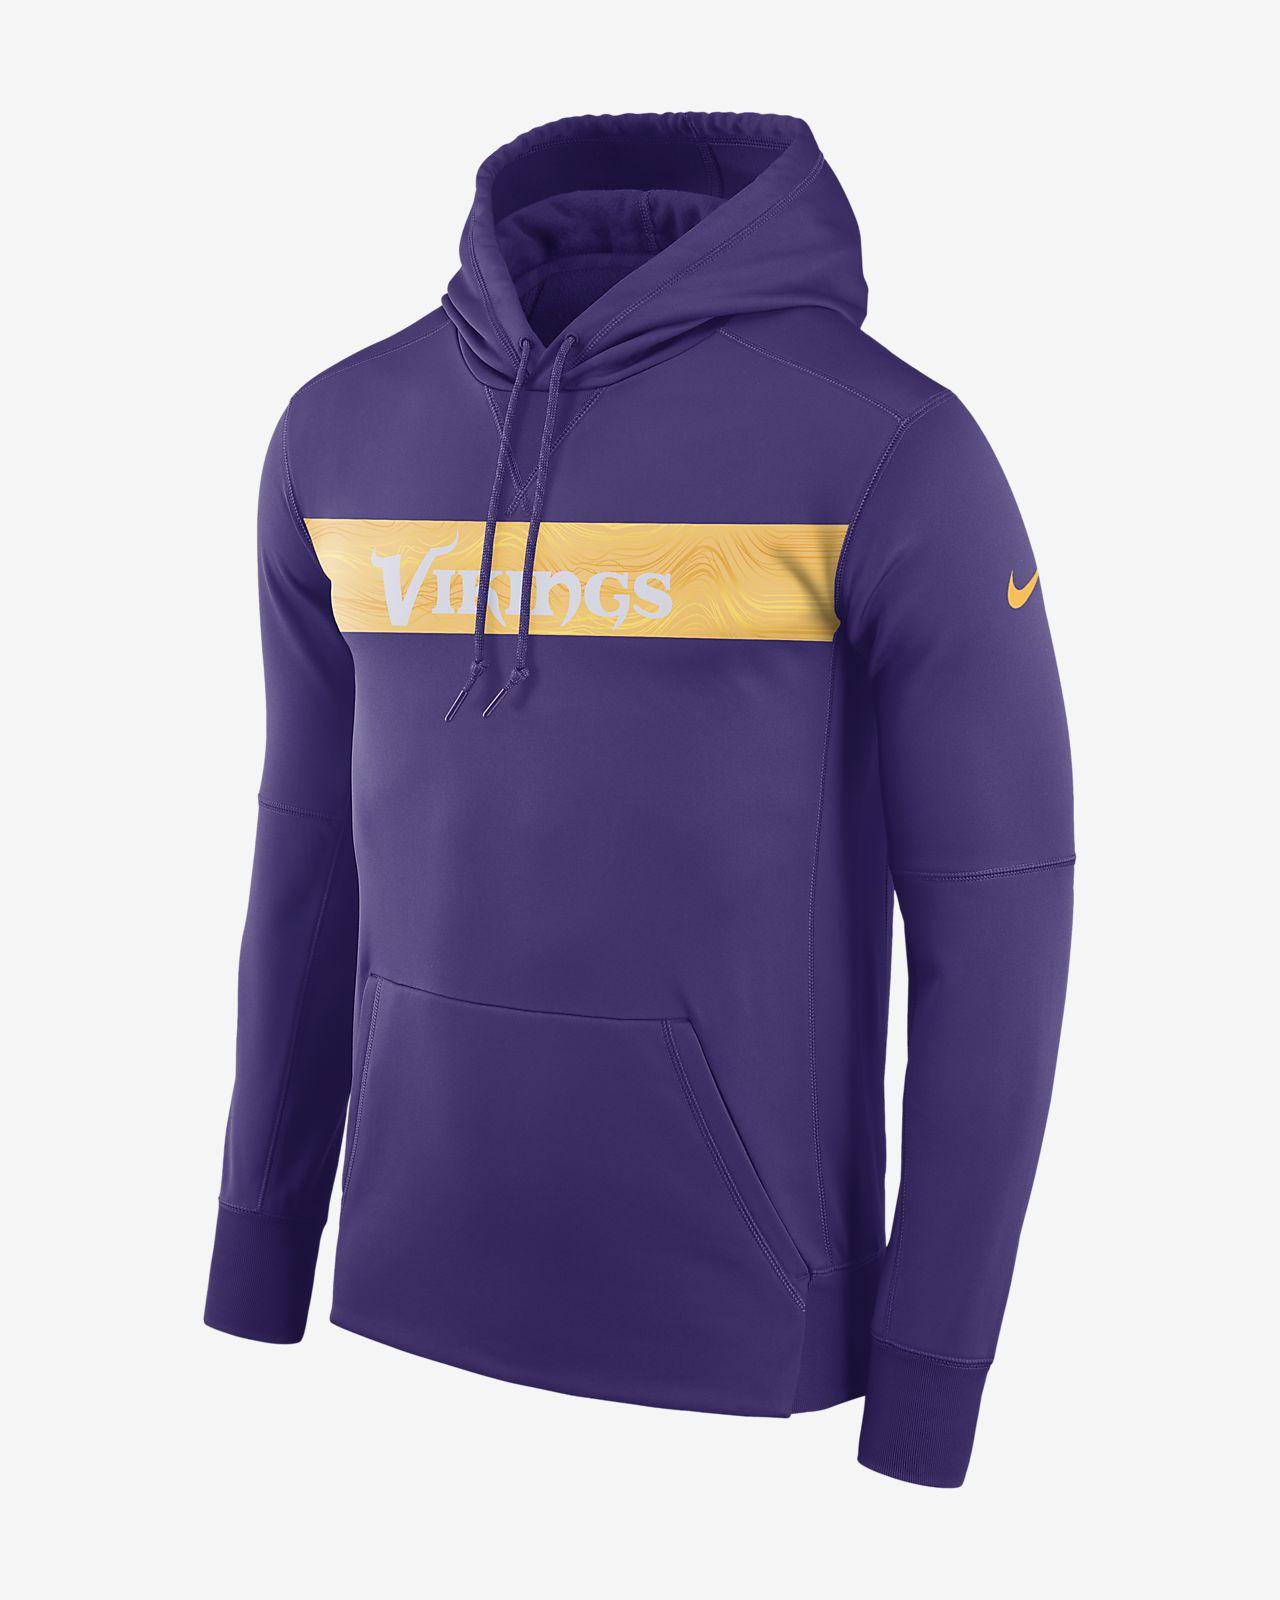 Felpa pullover con cappuccio Nike Dri-FIT Therma (NFL Vikings) - Uomo